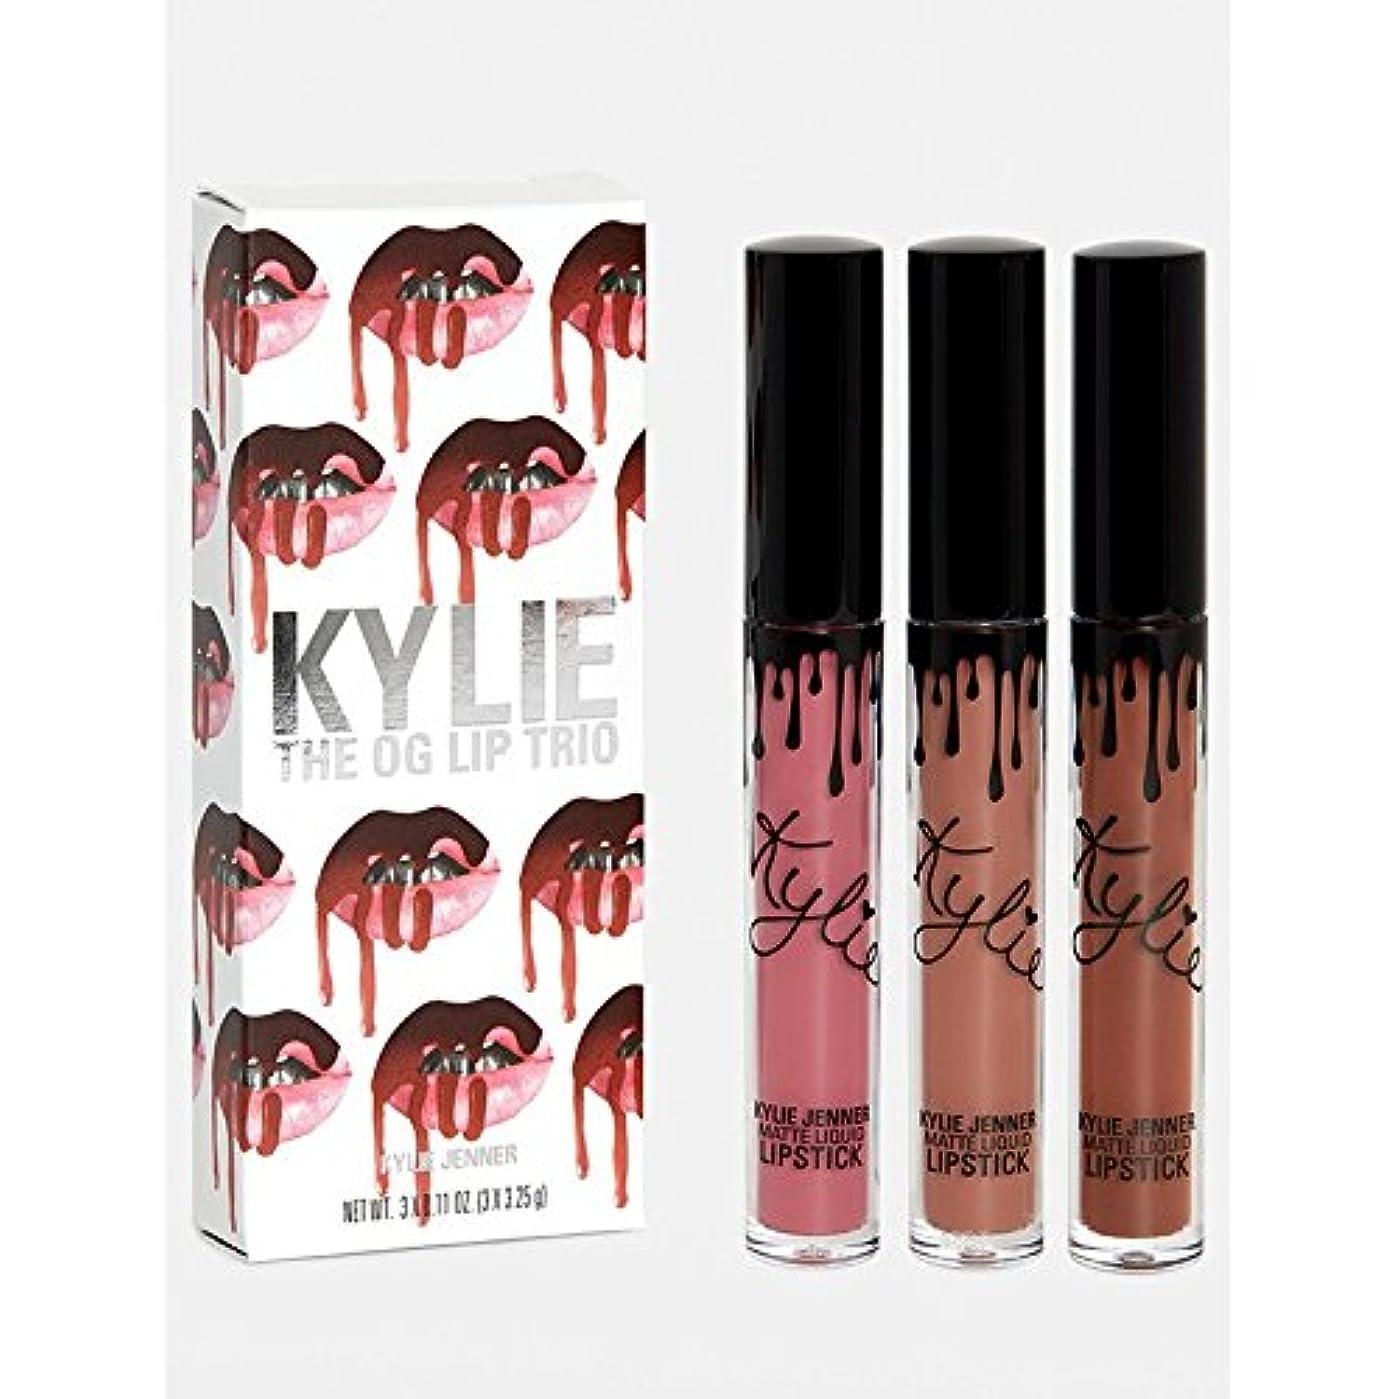 セブンバンガロー新入荷 The Kylie Cosmetics (カイリーコスメティクス)OG Trio / Lip Set